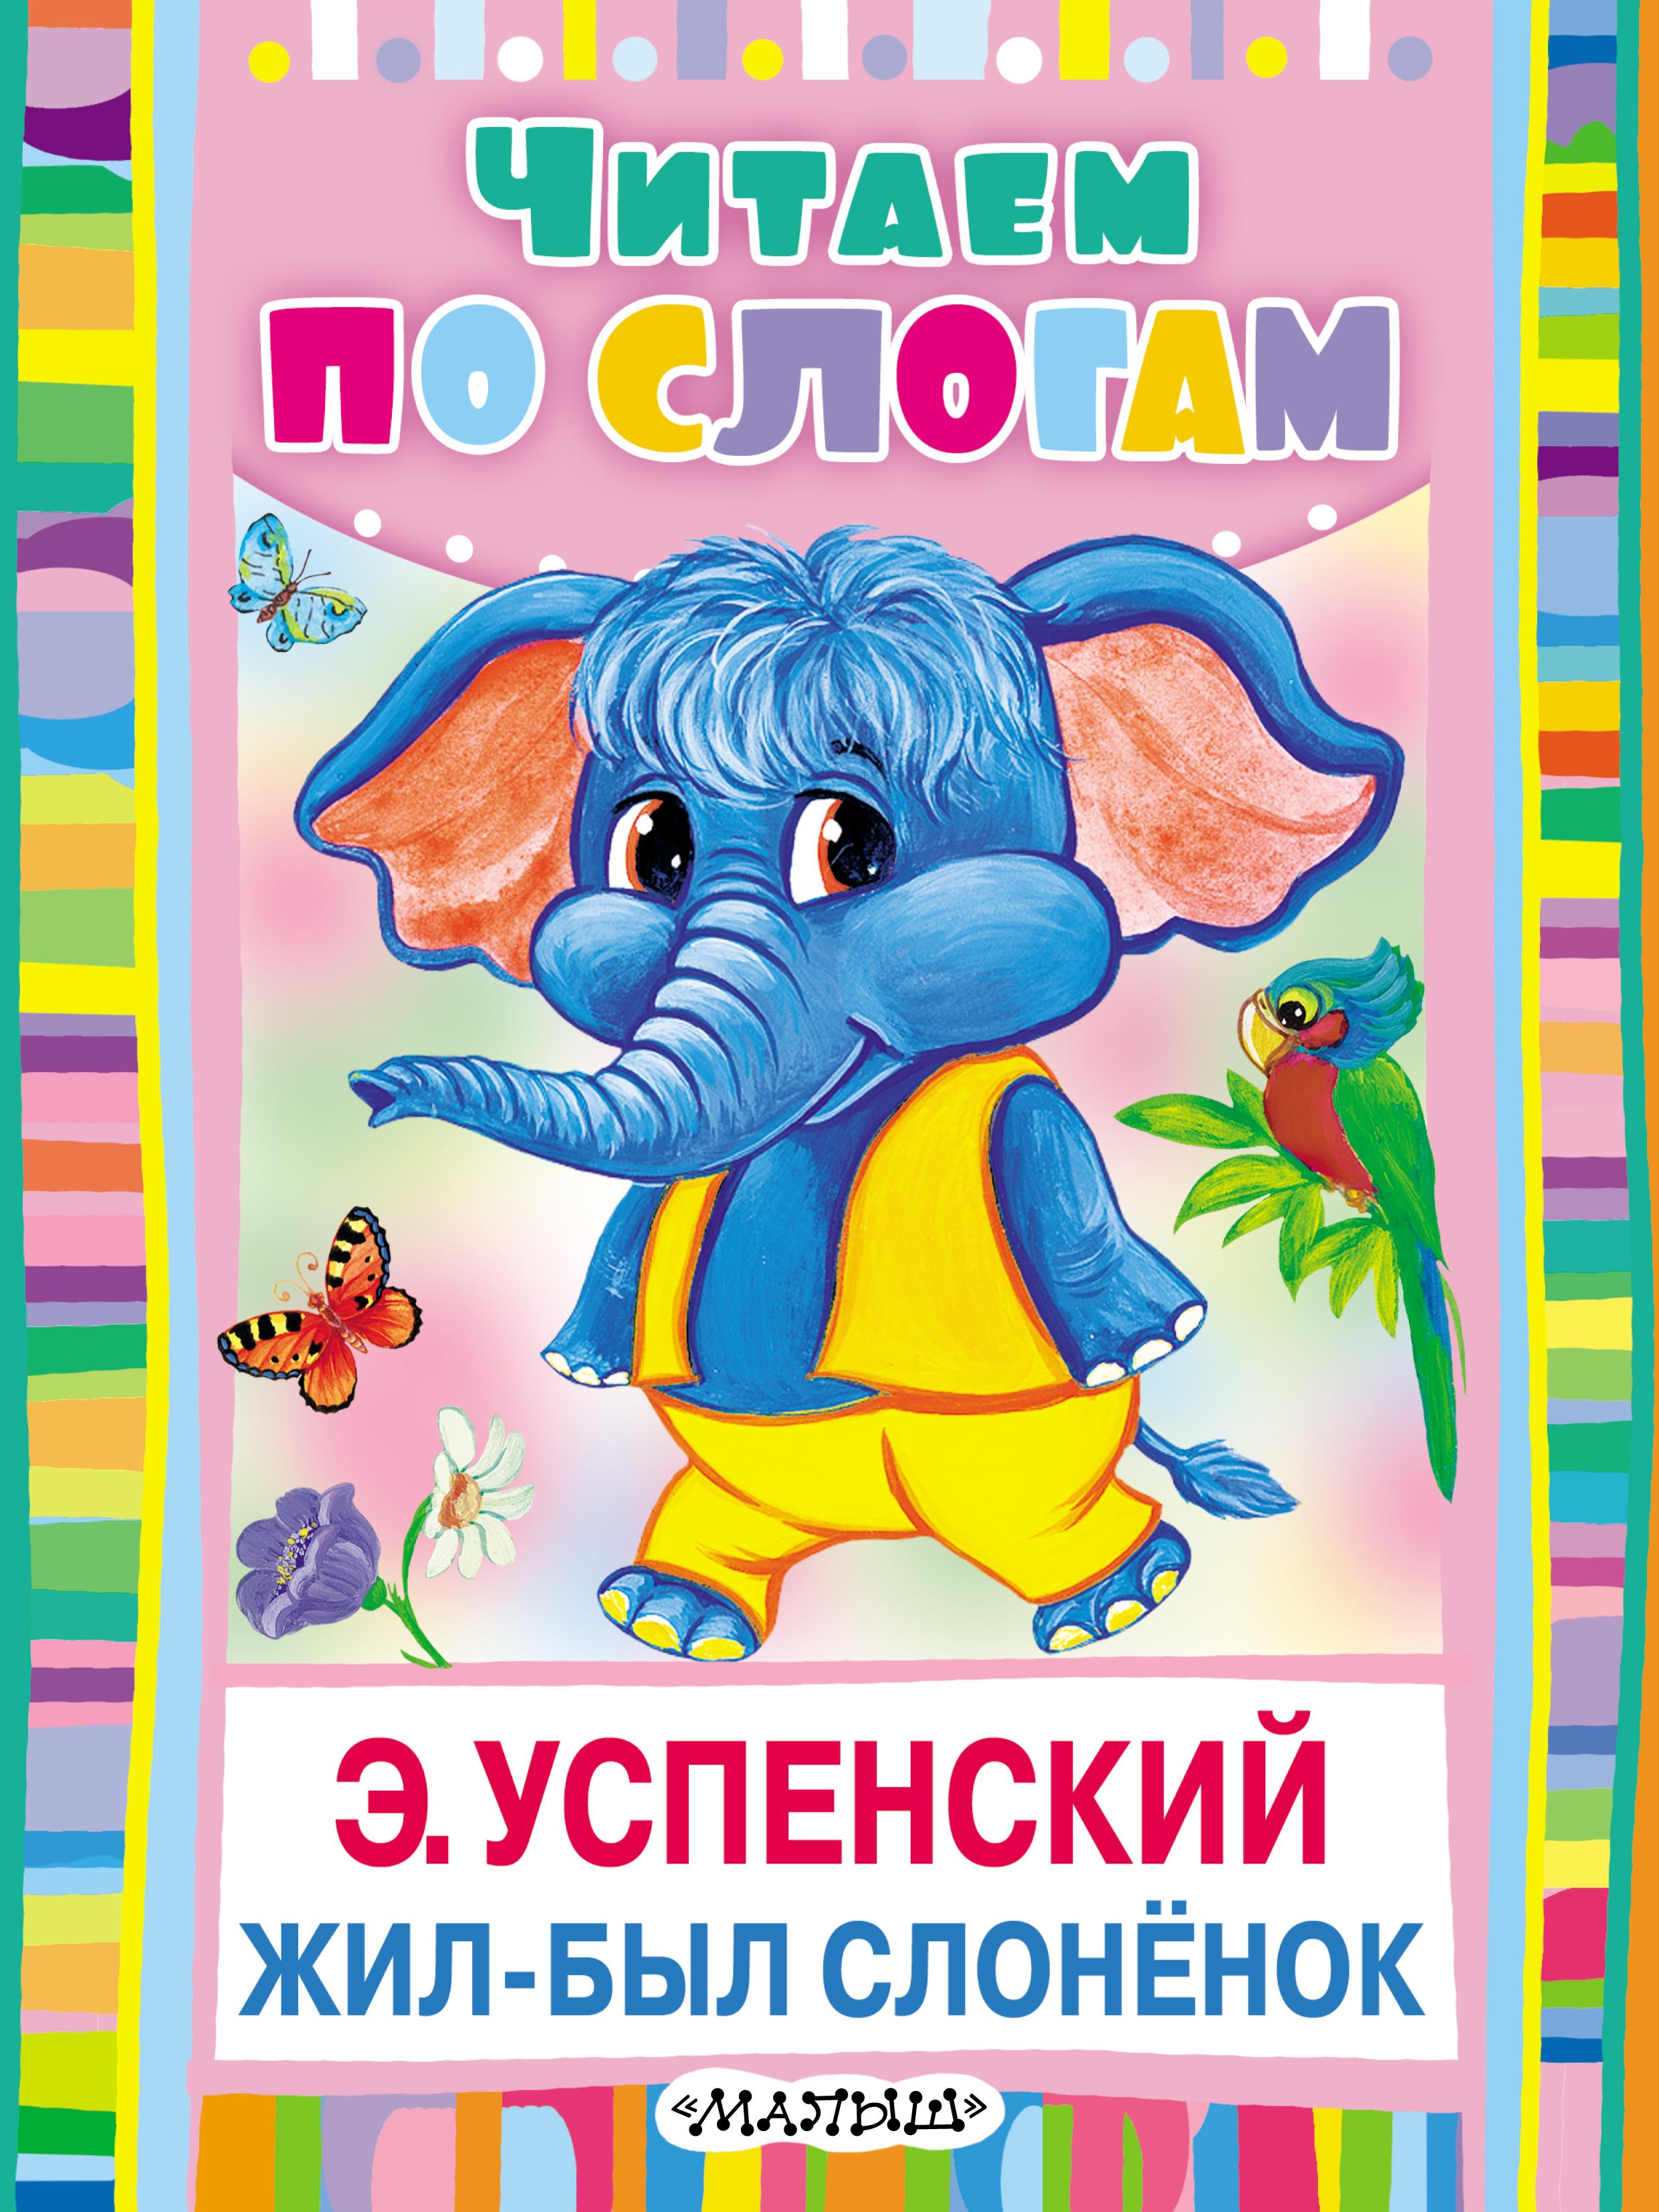 zhil byl slonenok